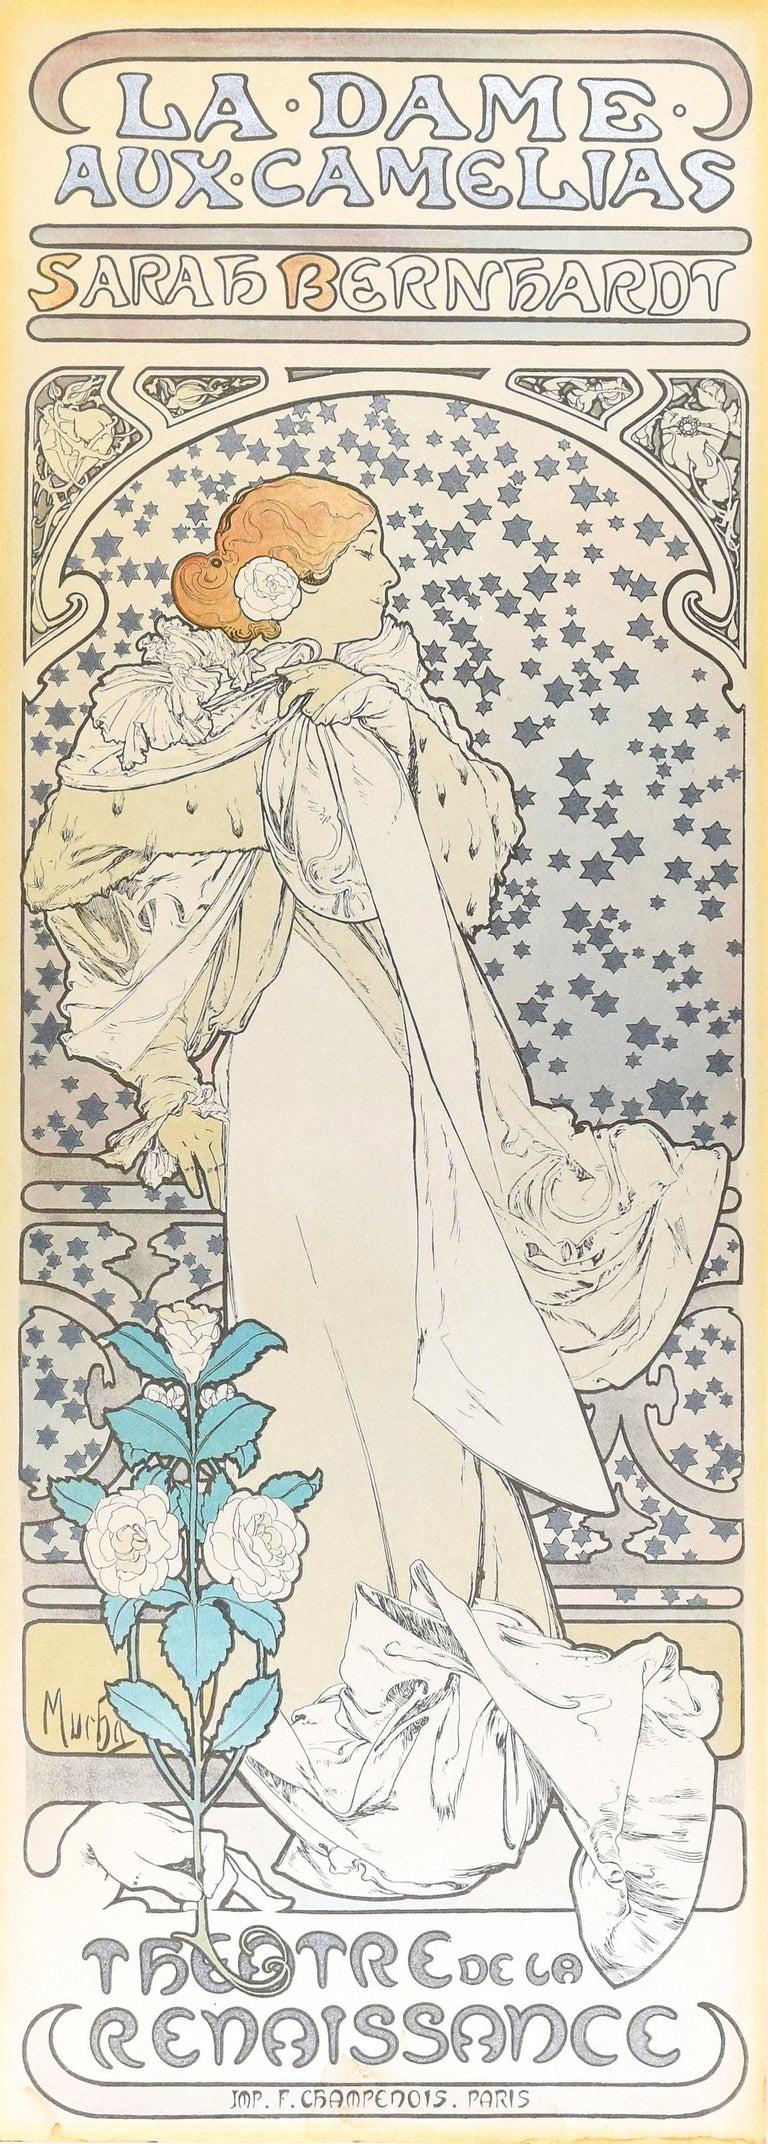 (after) Alphonse Mucha Figurative Print - La Dame aux Camélias - Vintage Offset Print After A. Mucha